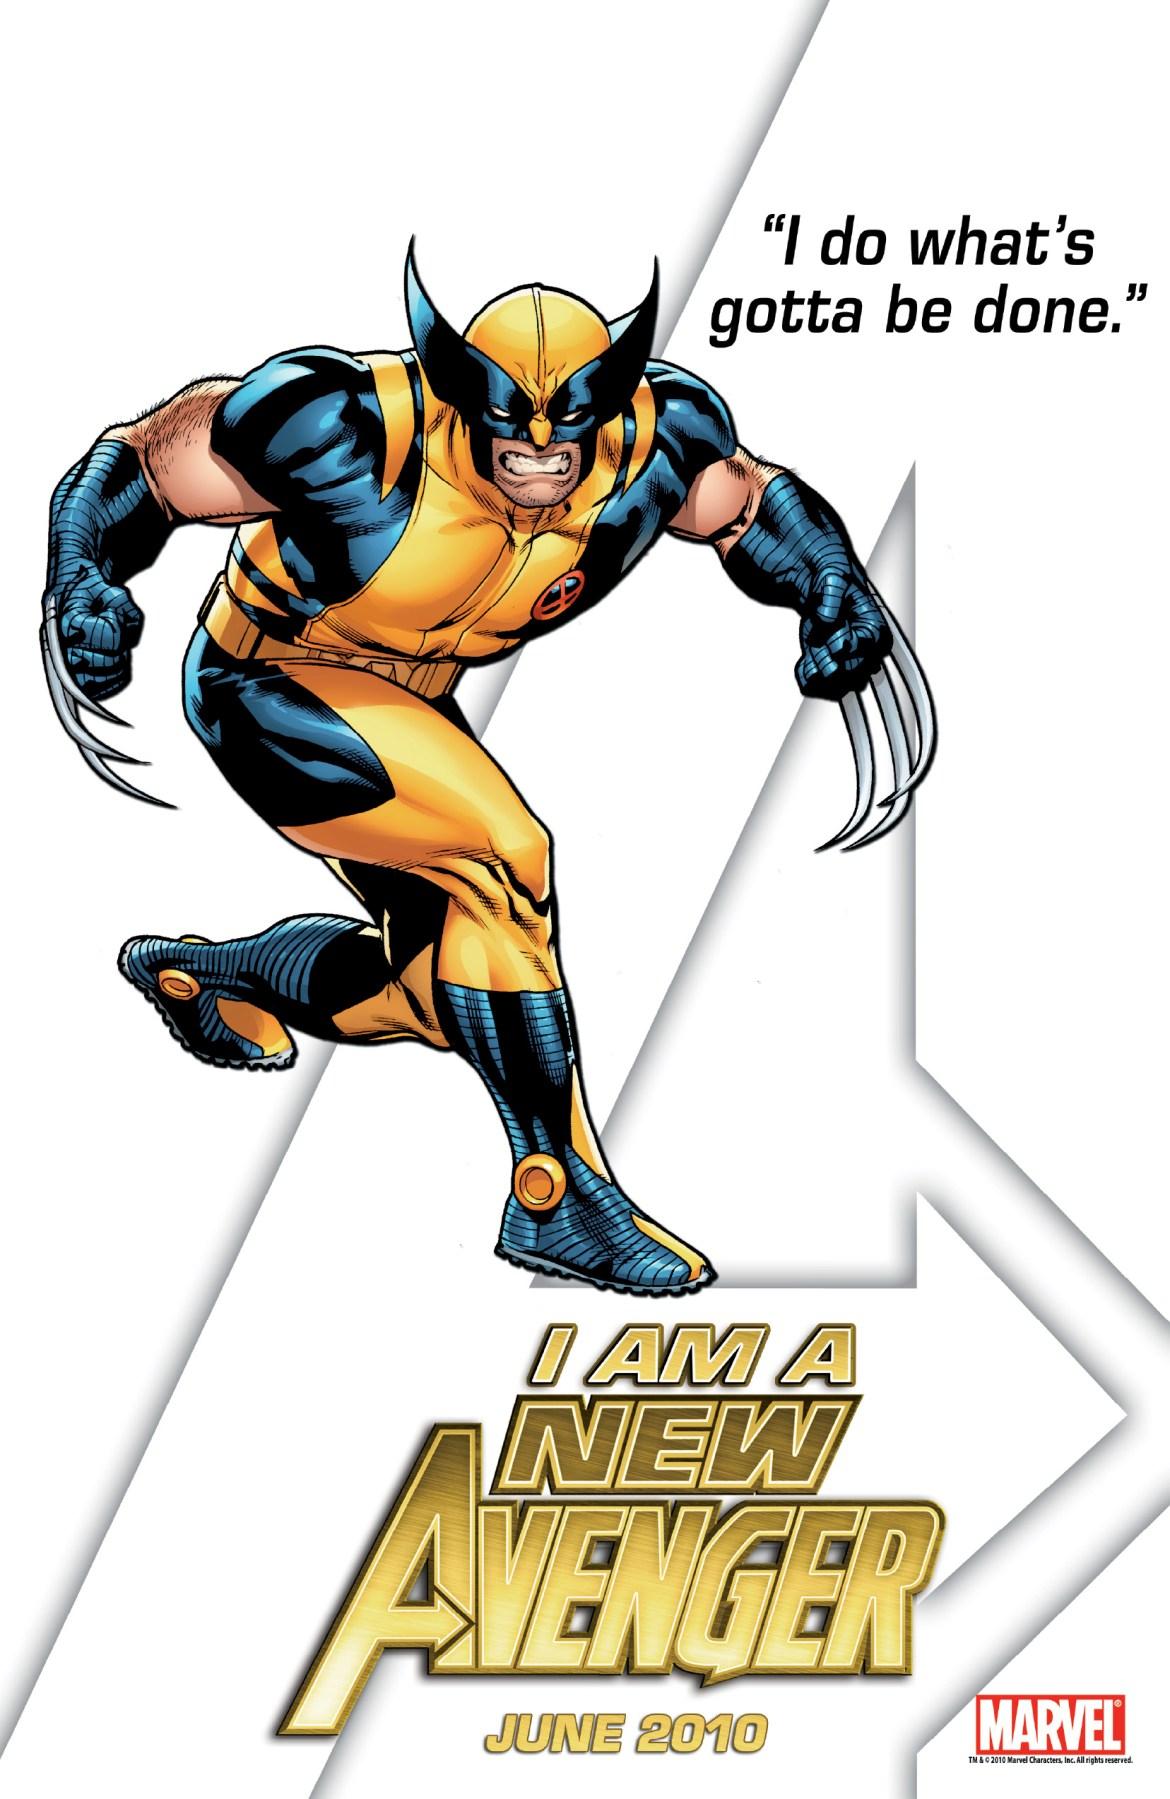 IAmAnAvenger_NewAvengers_03 Wolverine is a New Avenger